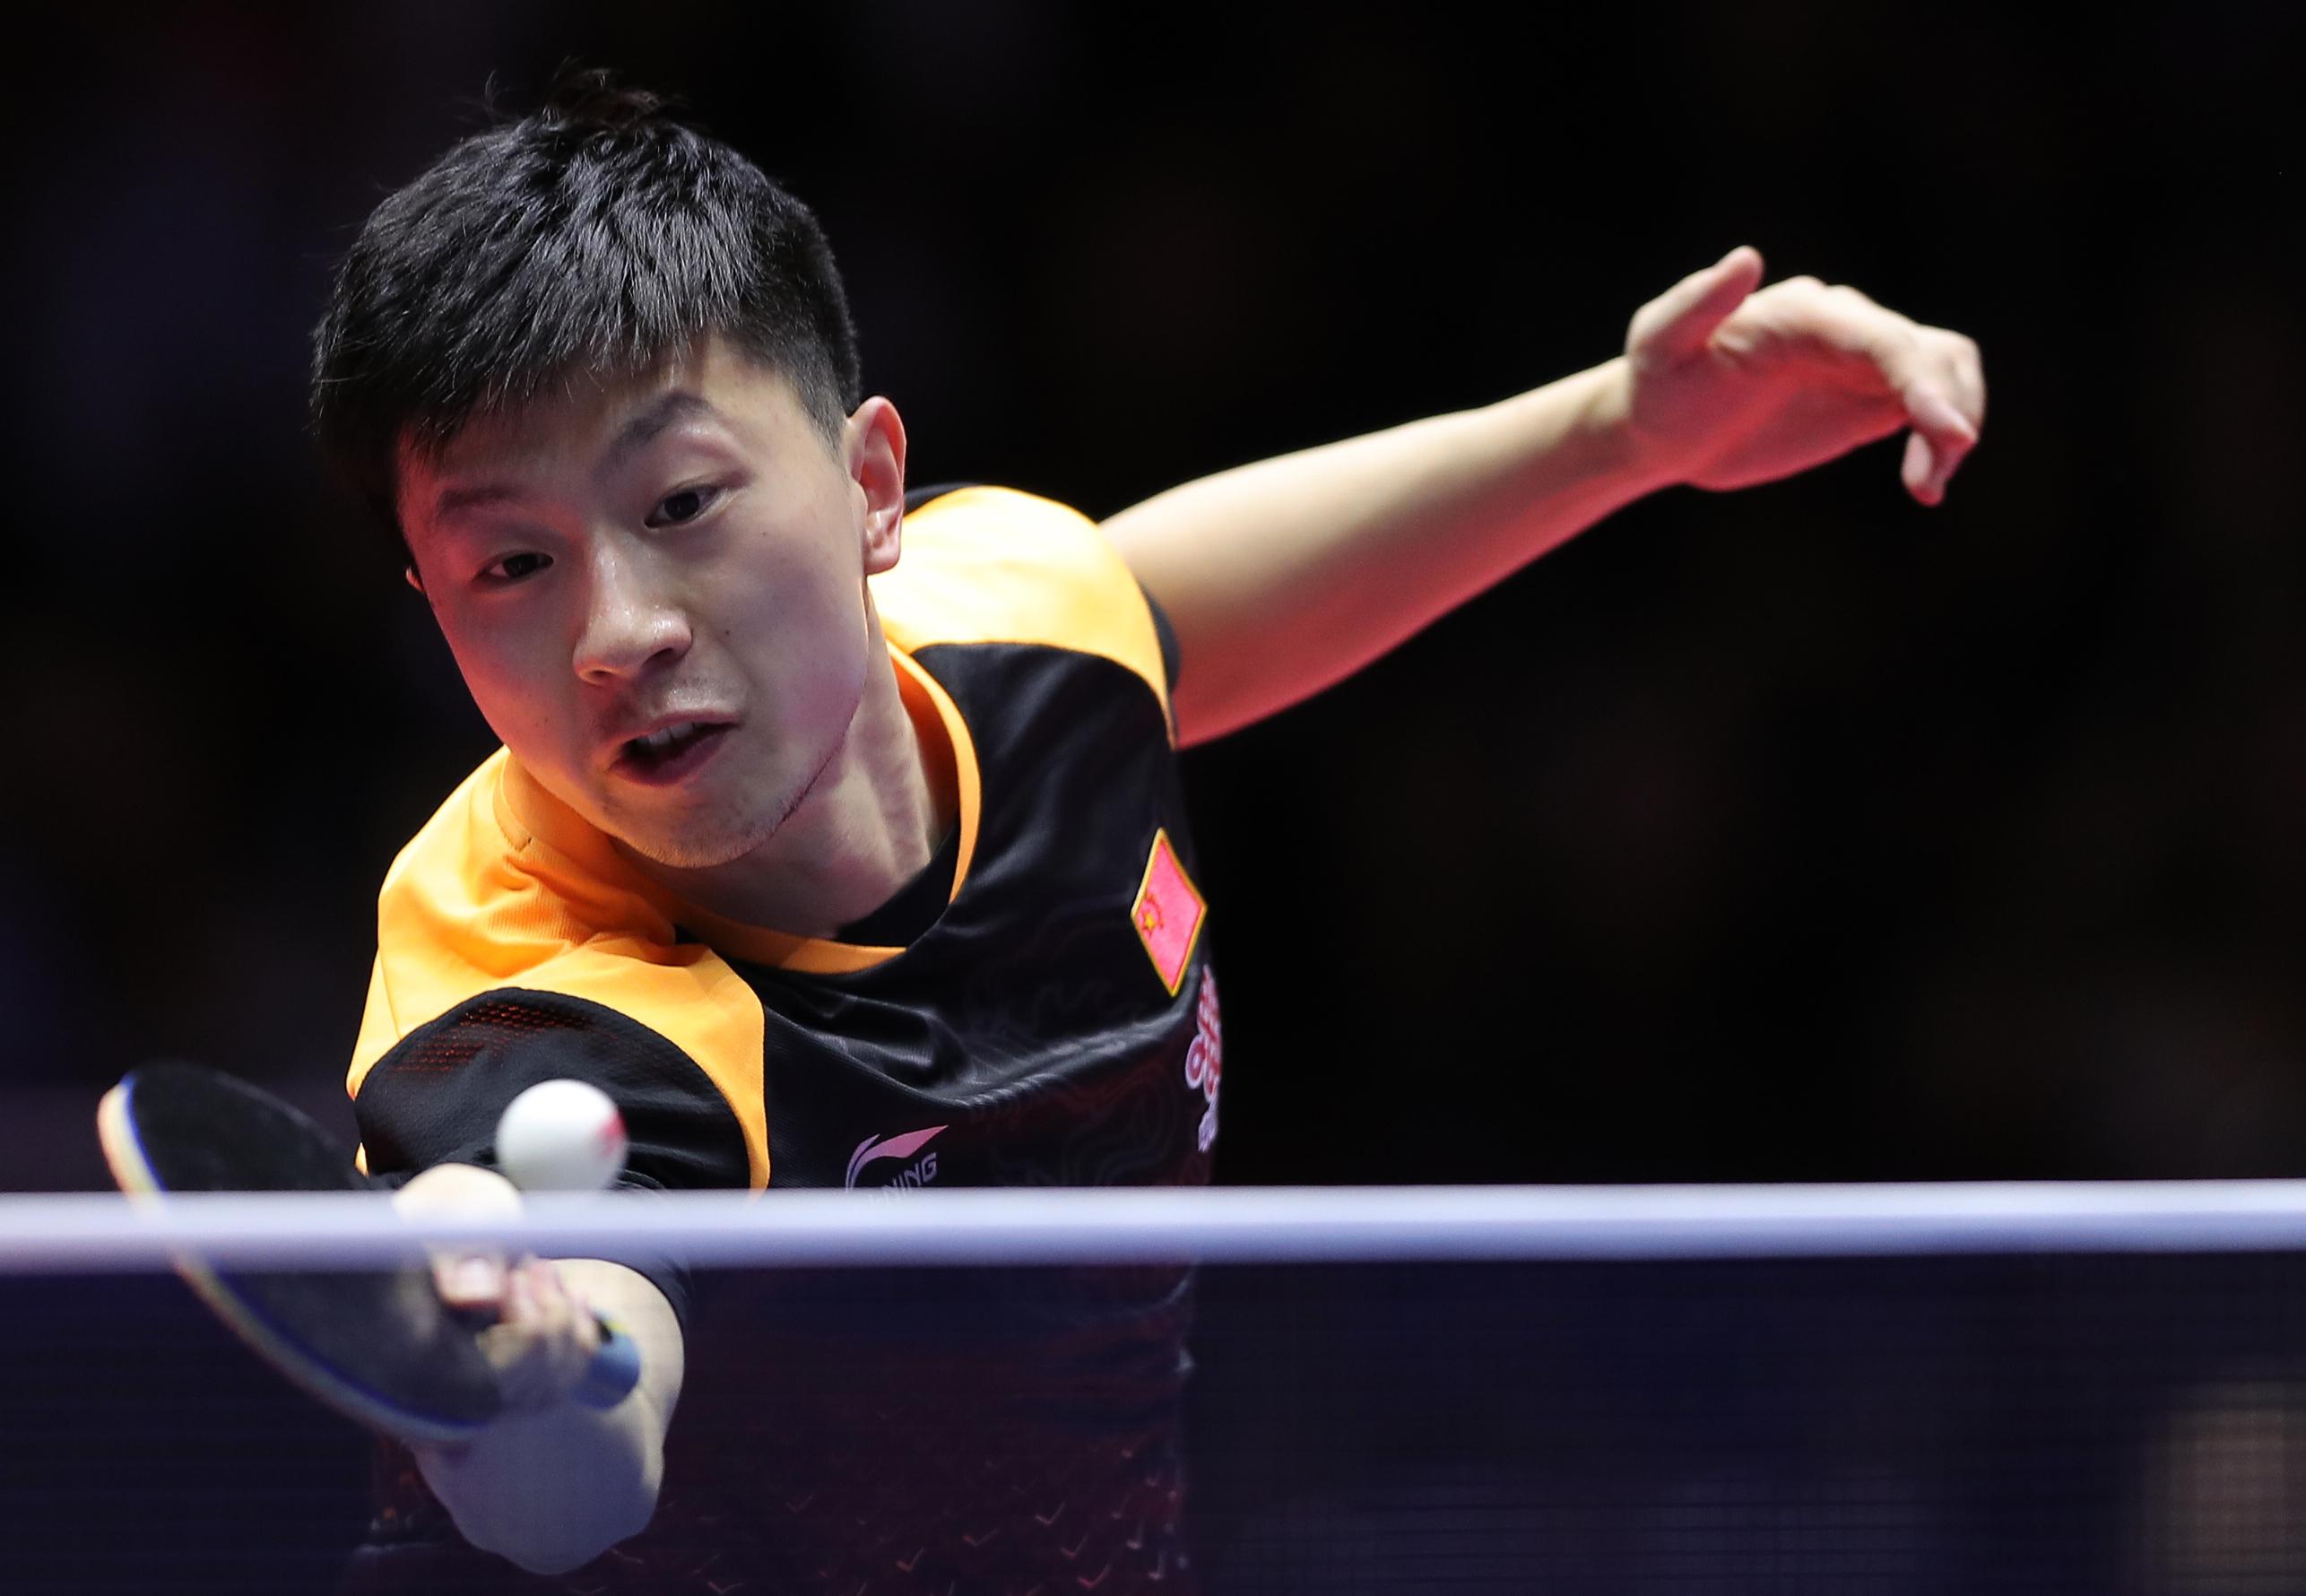 中国公开赛马龙樊振东争冠 丁宁王曼昱决赛会师